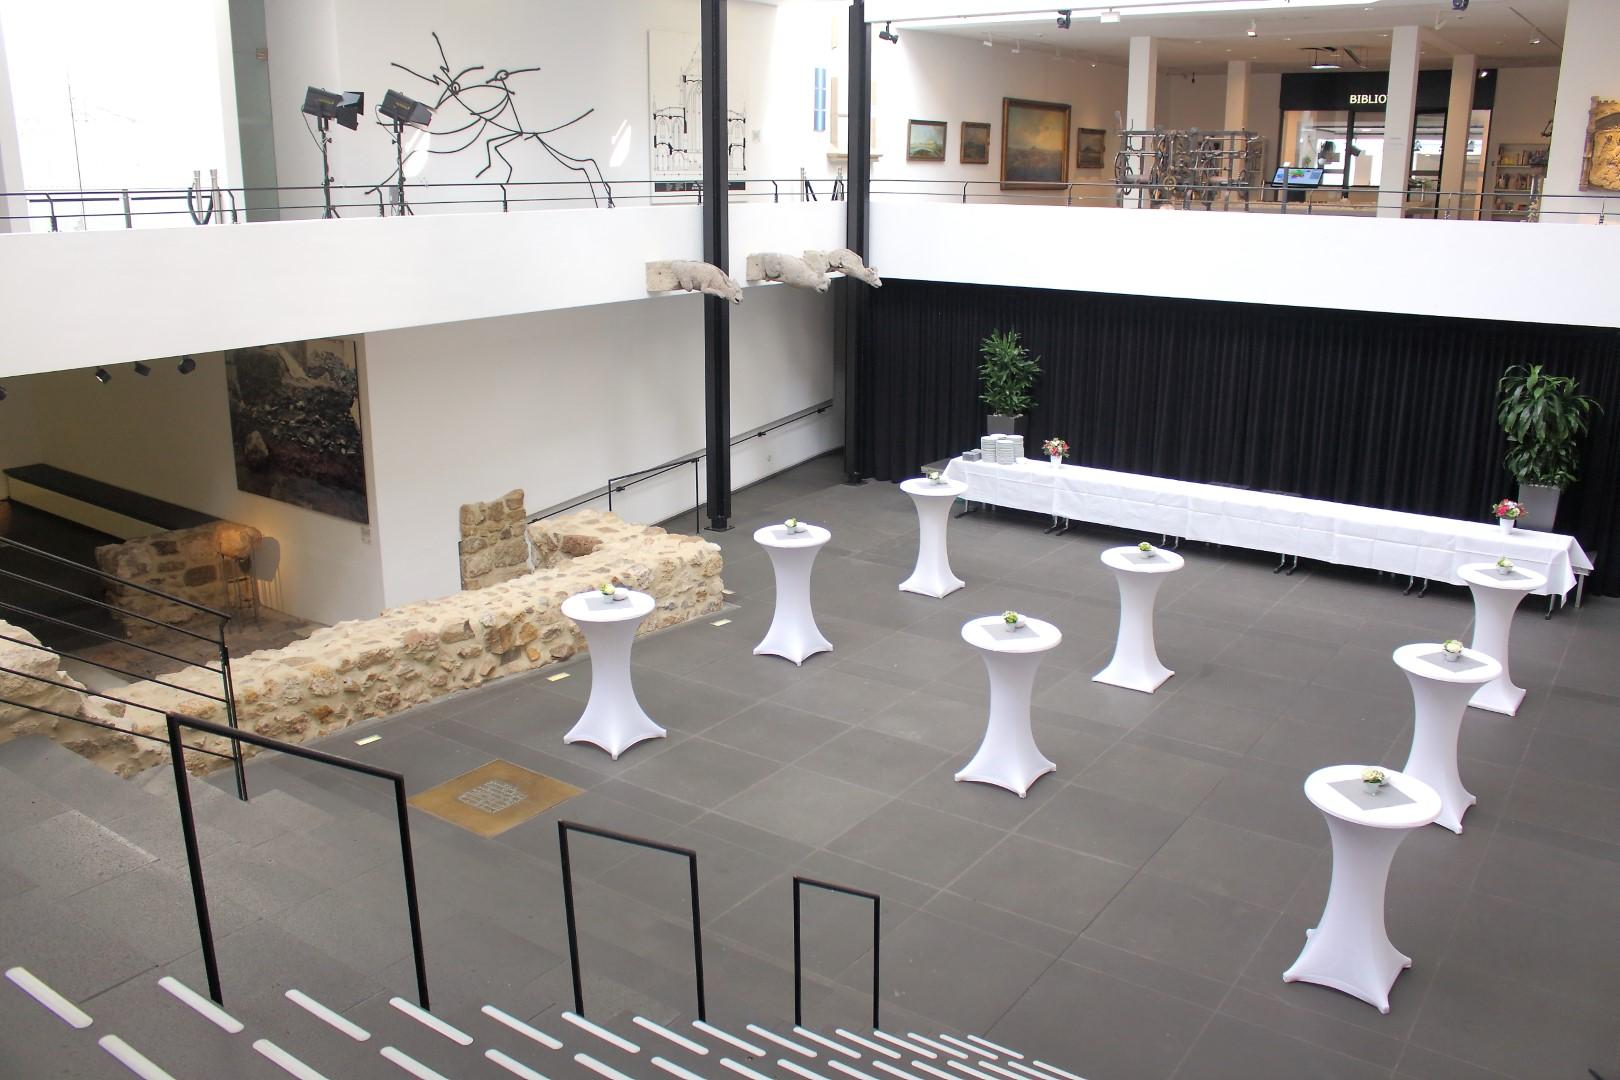 Aufbau für einen Stehempfang im Forum des Museums. Blick aus dem Foyer.